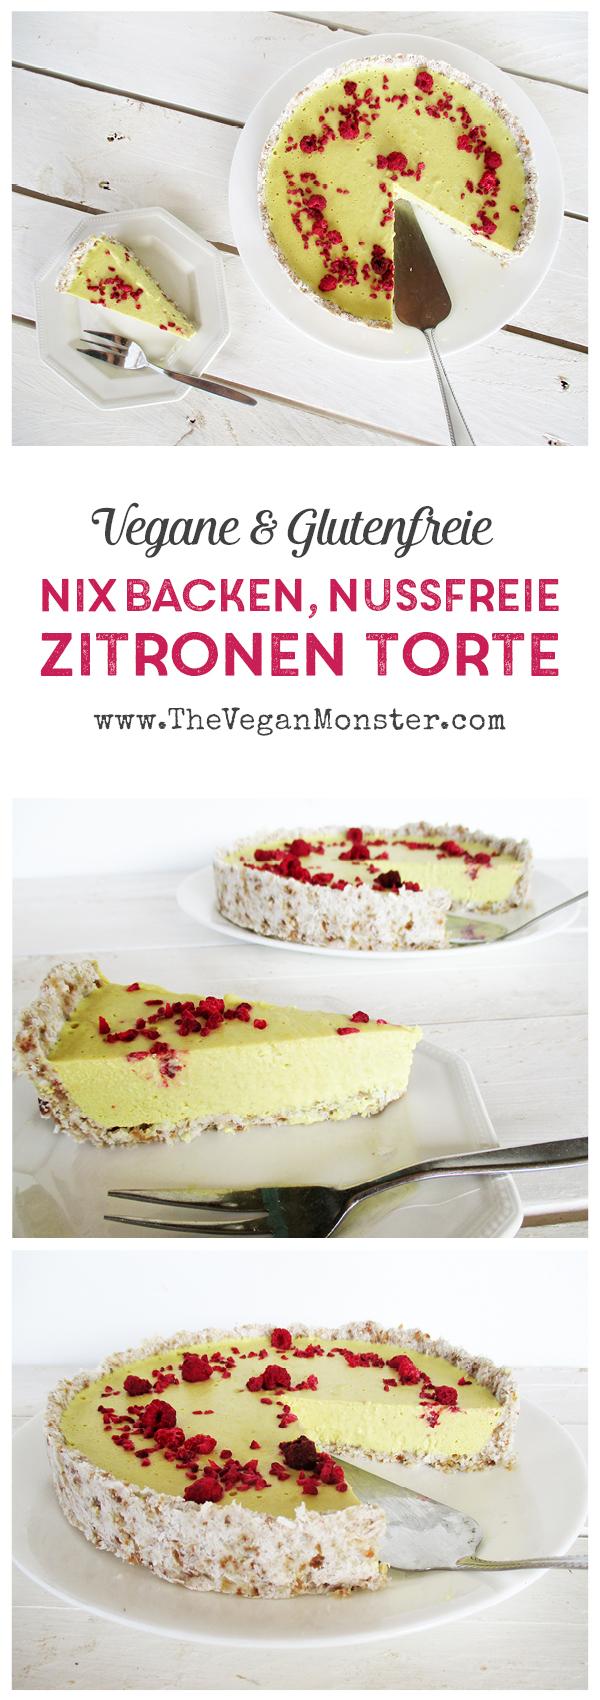 vegane Glutenfreie Nuss-freie Miclhfreie Nix-Backen Zitronentorte